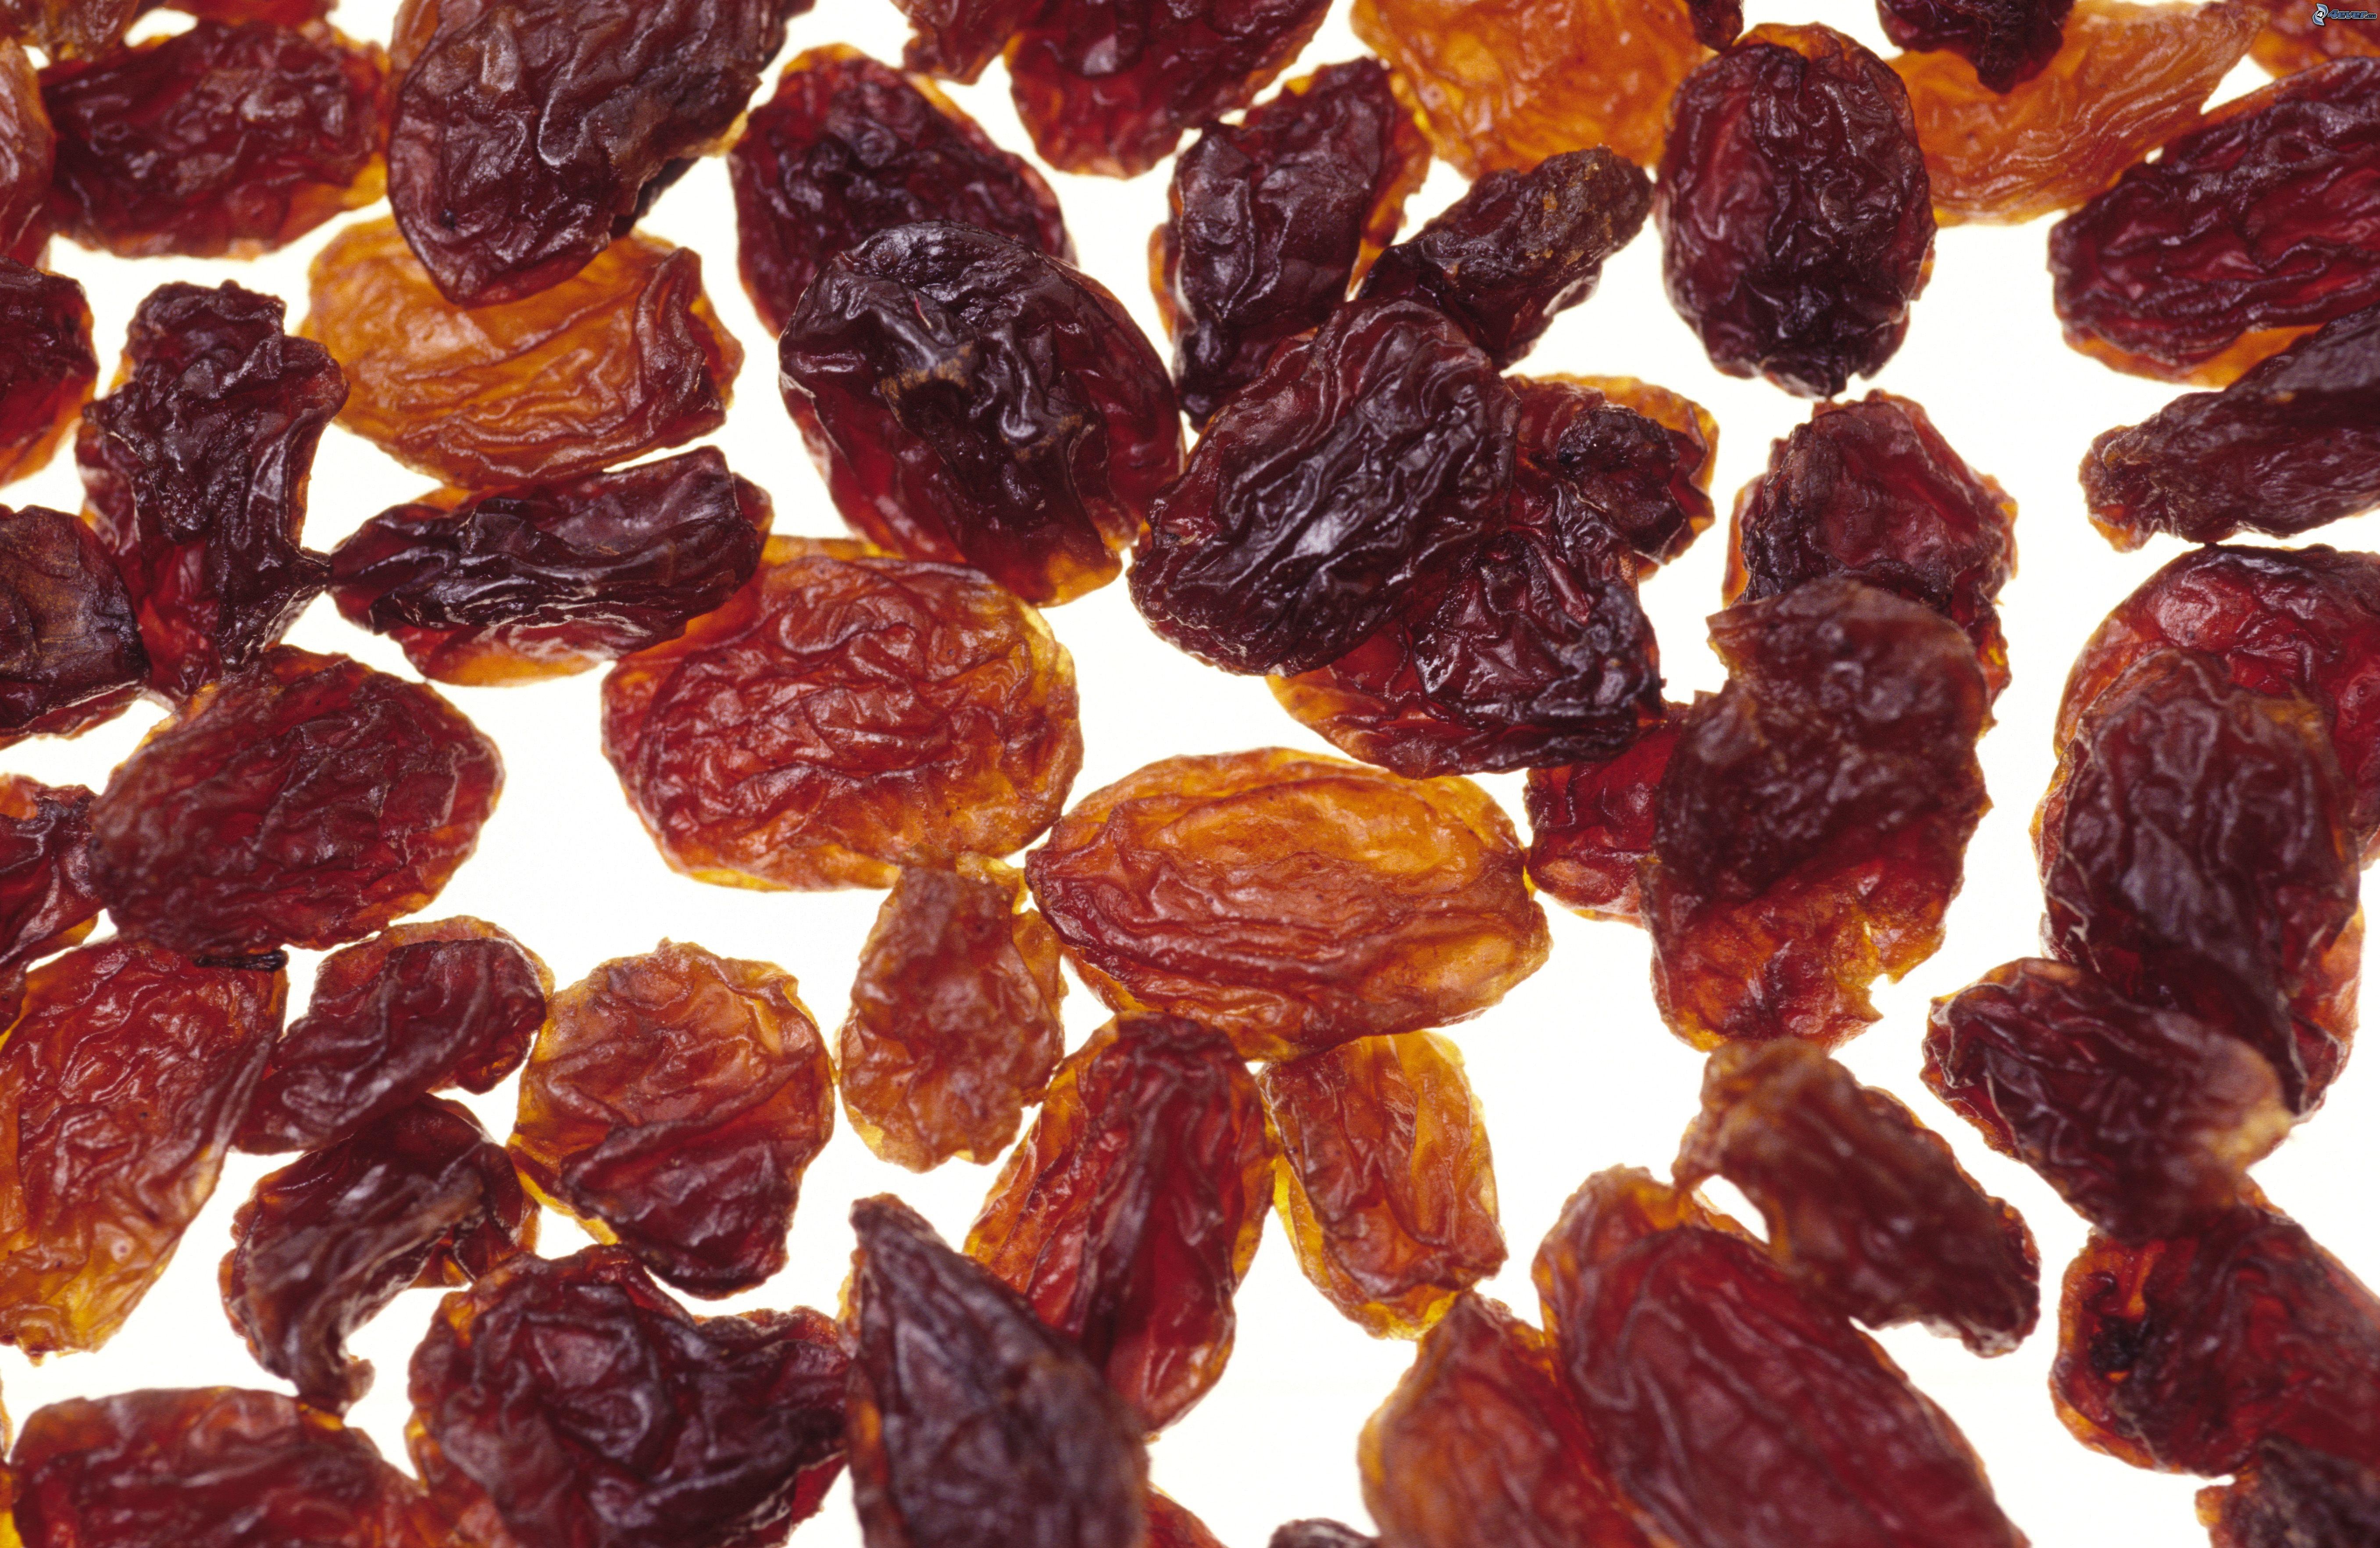 Pictures Of Raisins